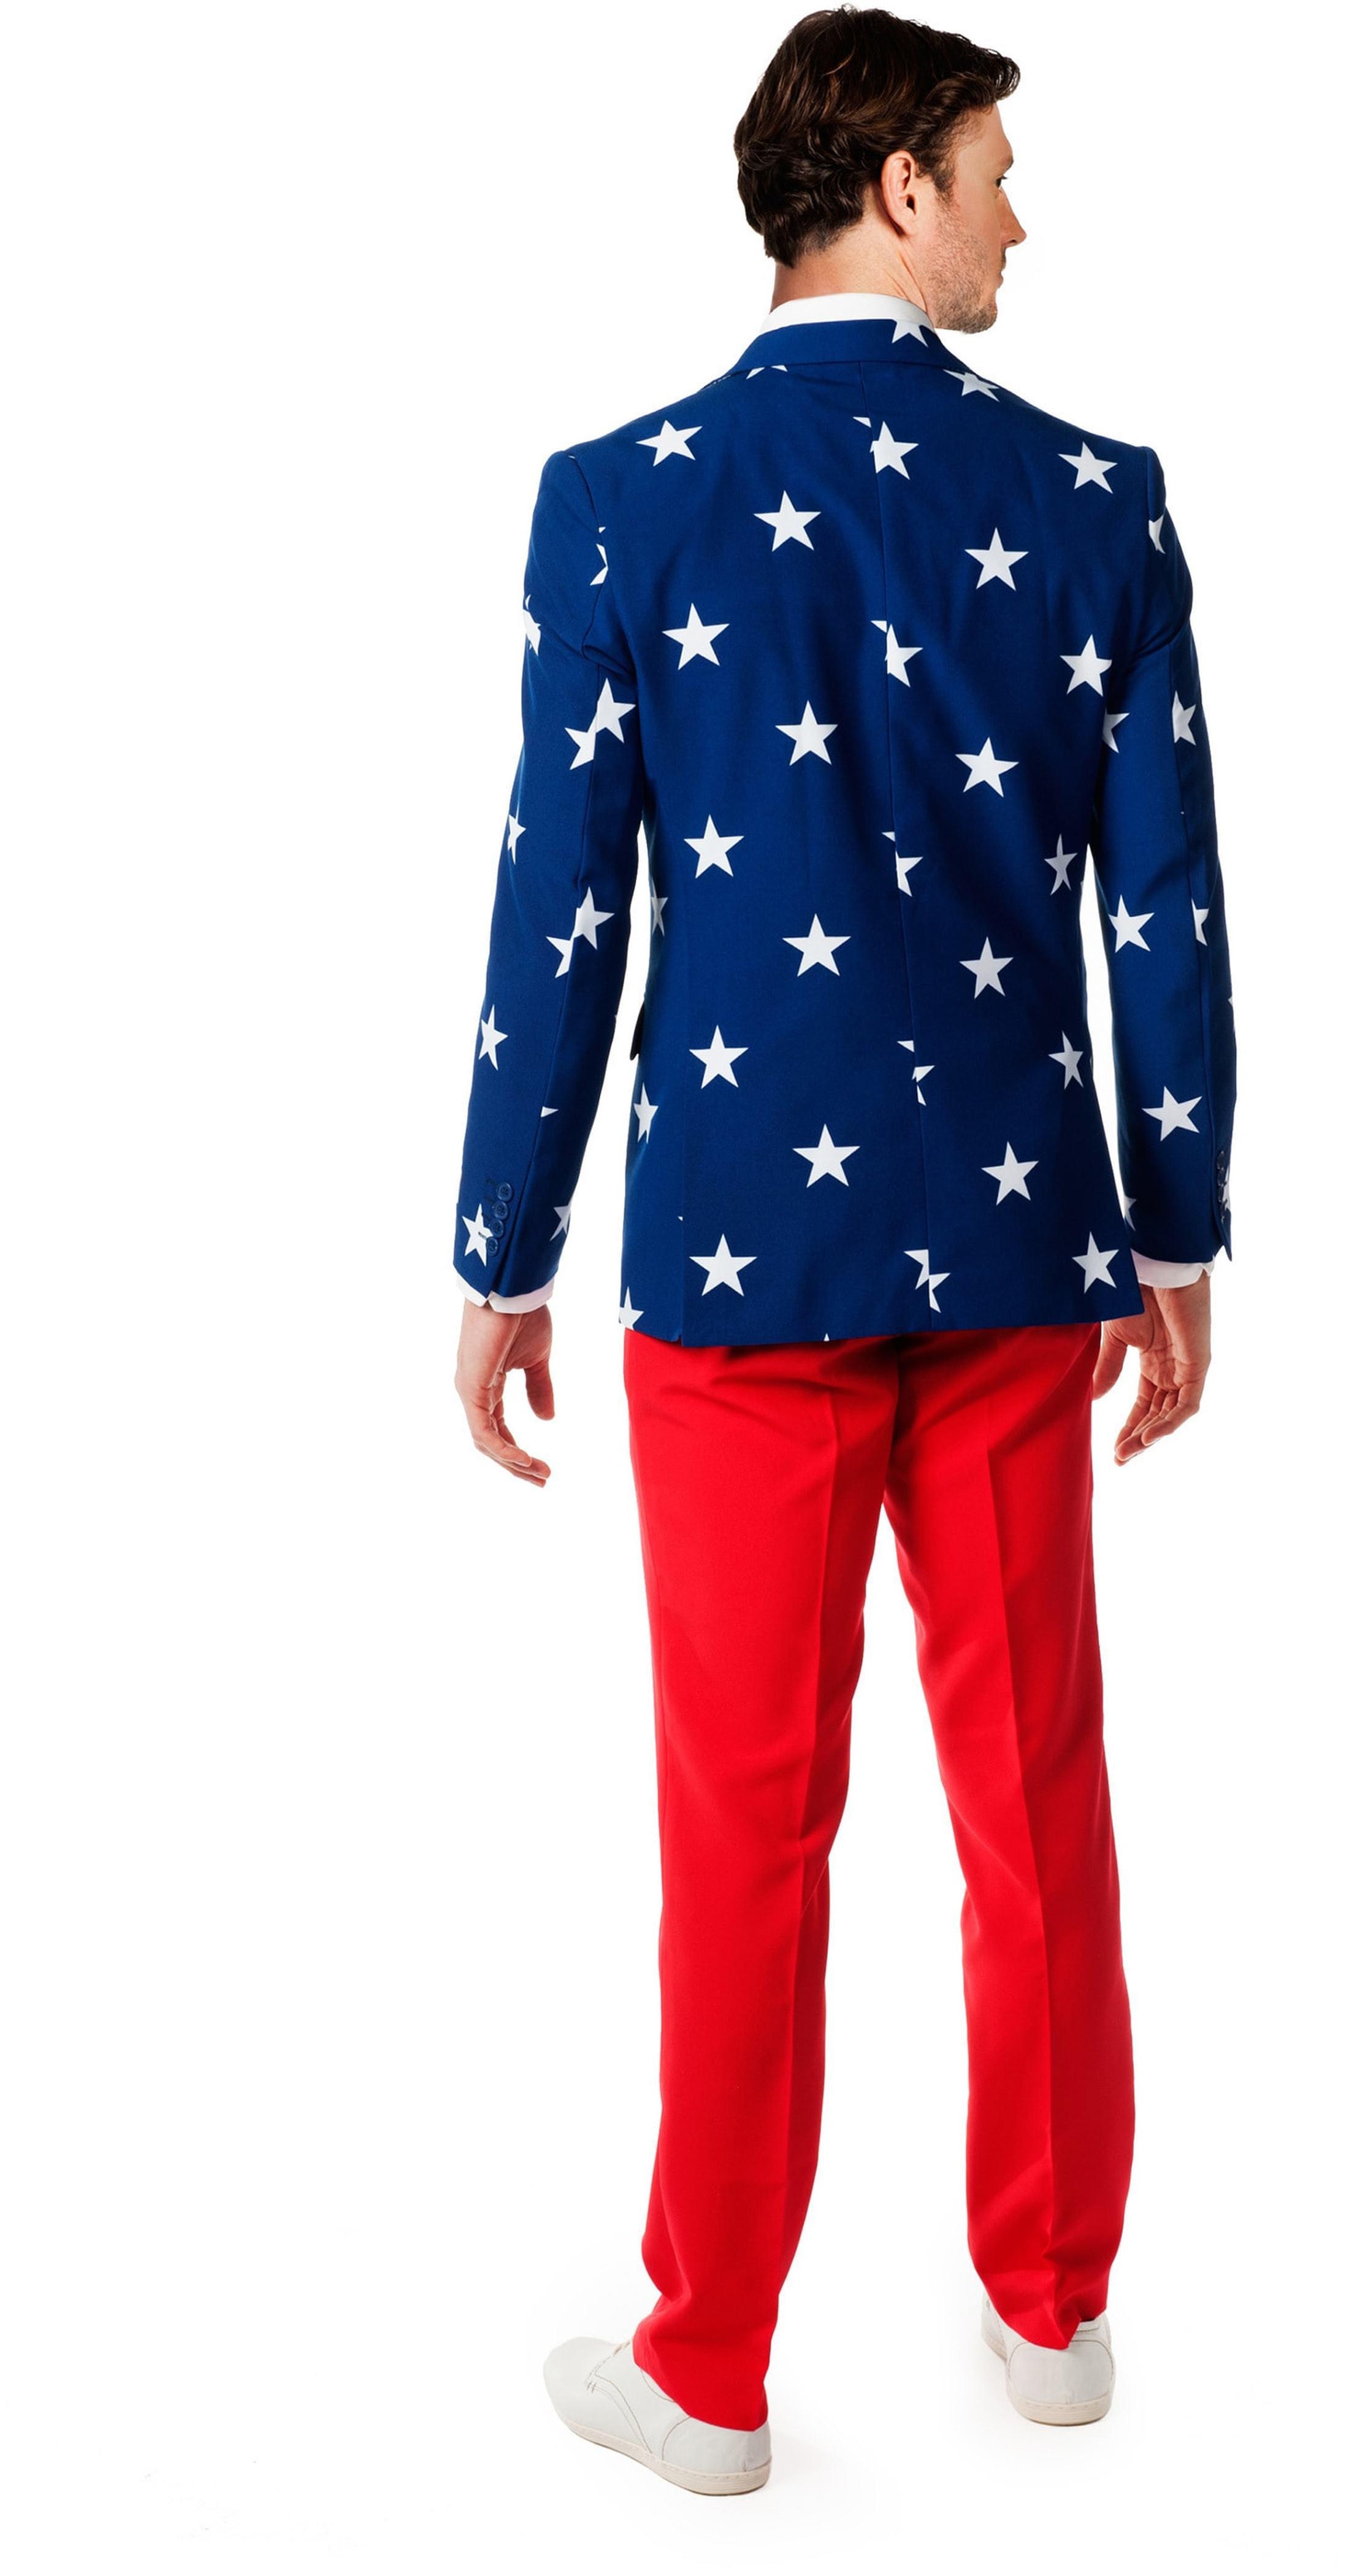 OppoSuits Stars and Stripes Kostüm foto 1